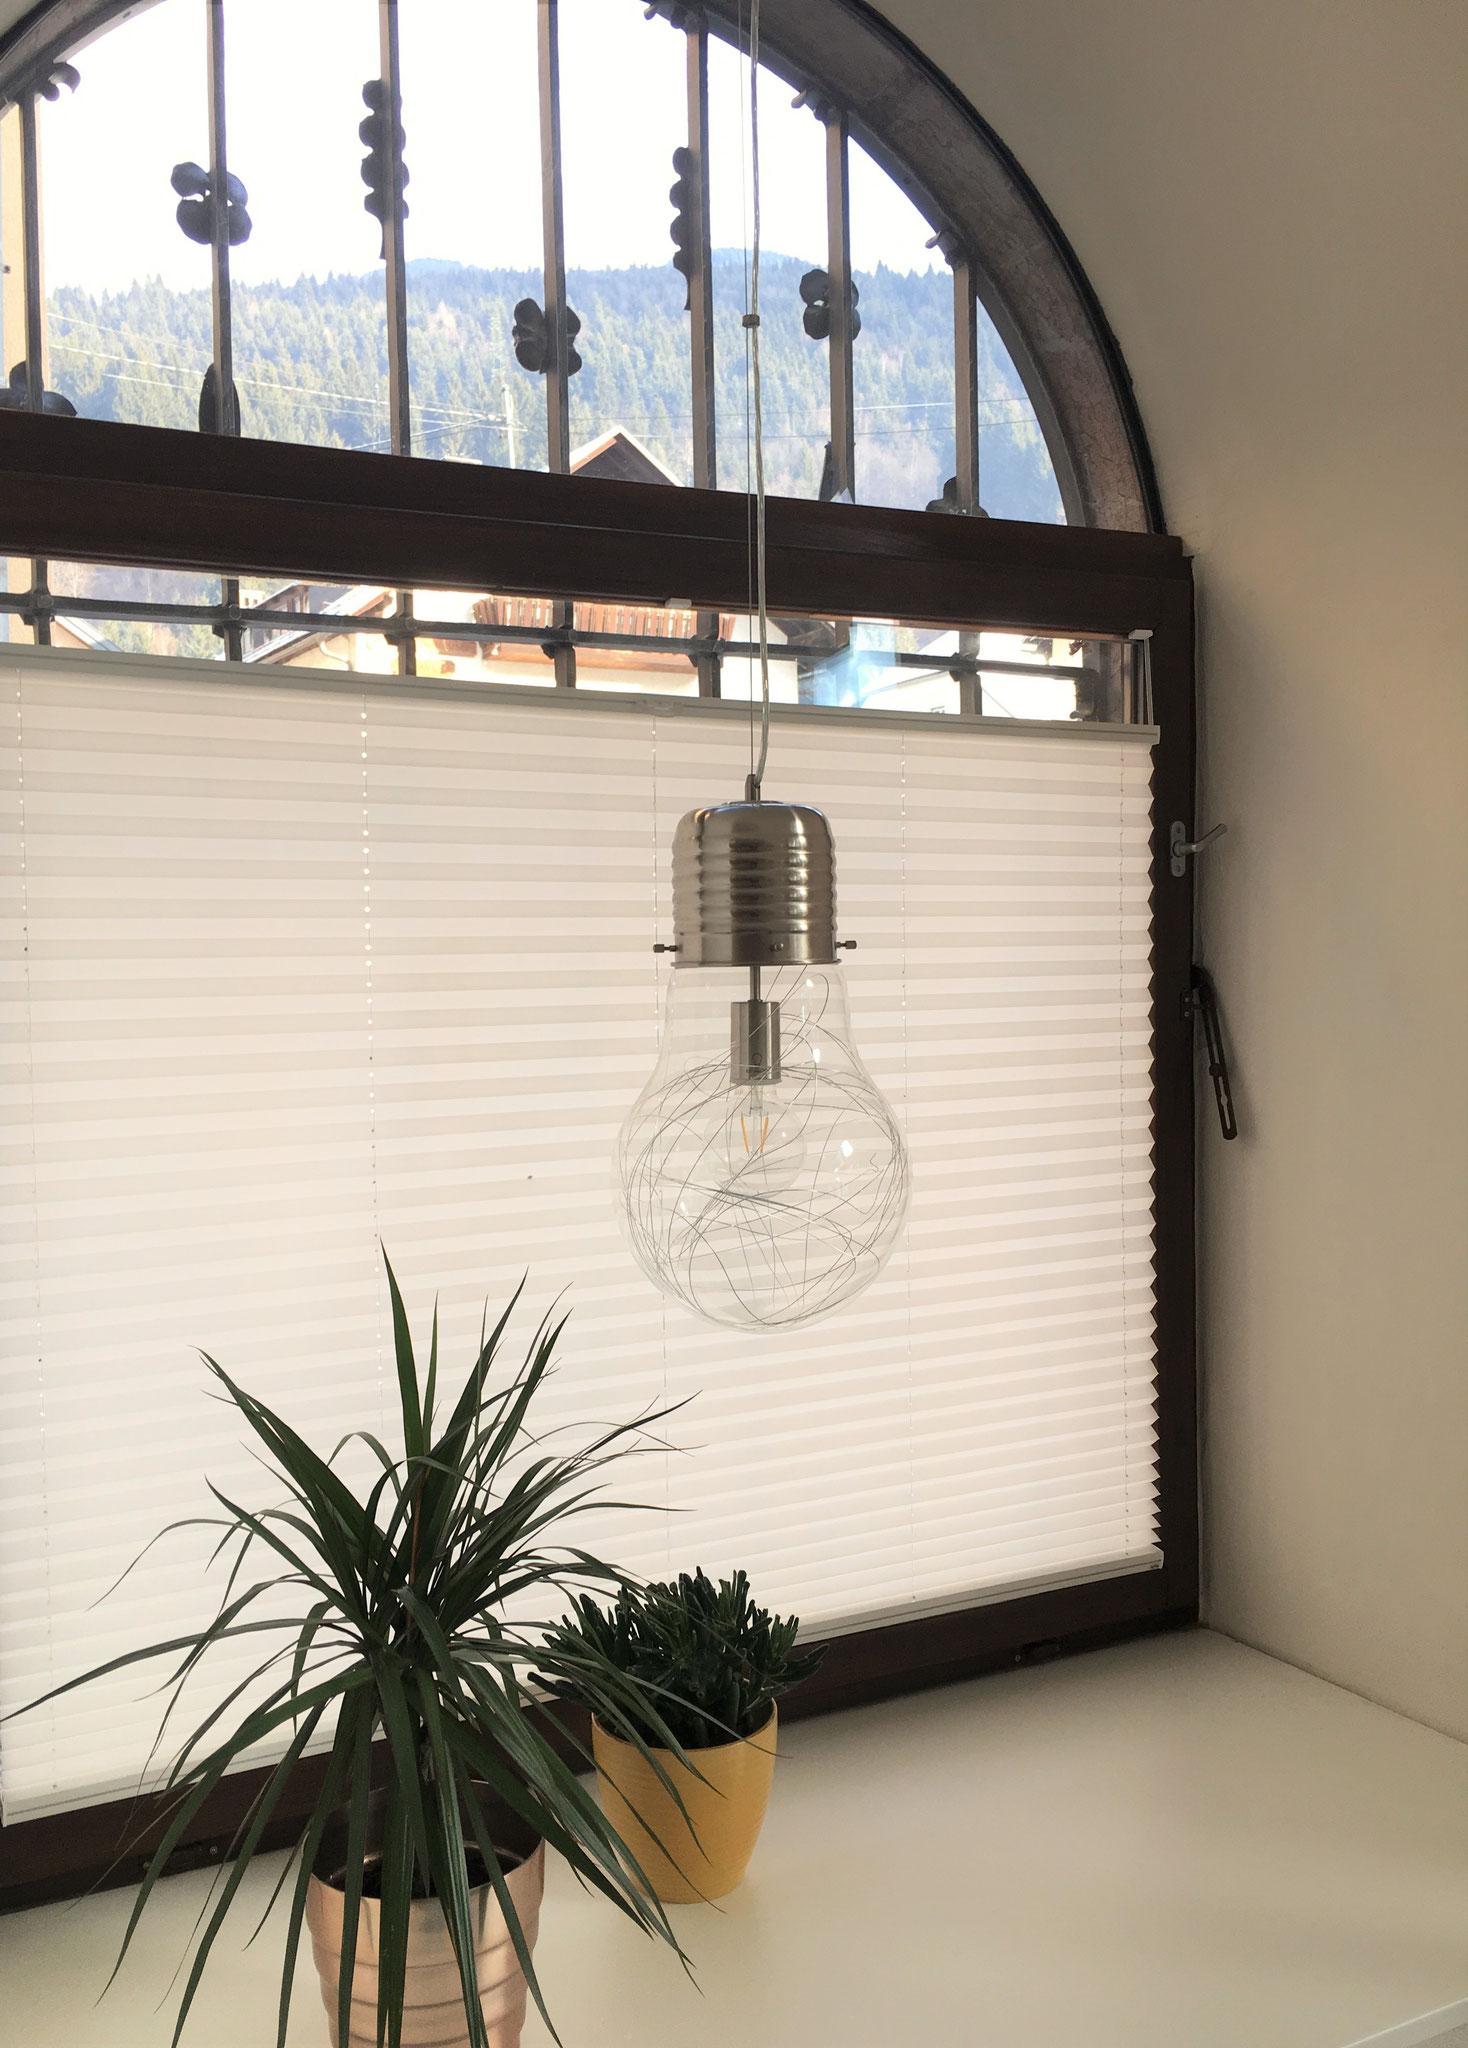 Sichtschutz für Schaufesnter und Fenster